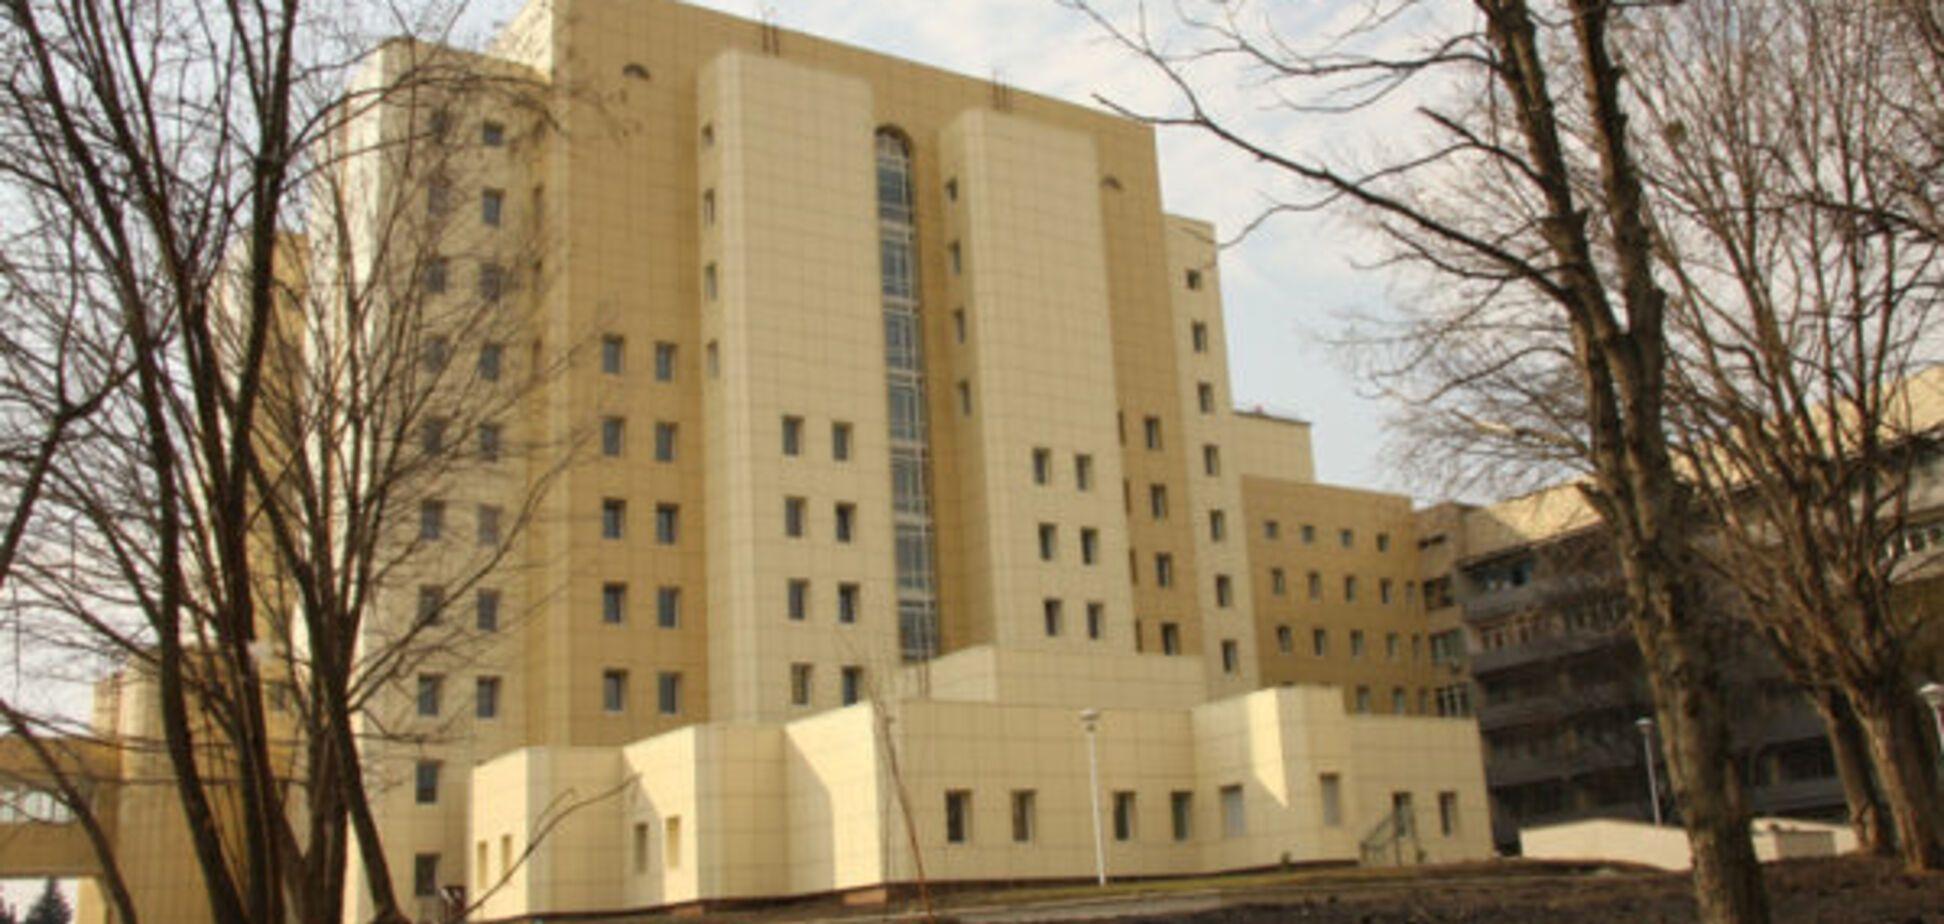 Новий голова Інституту раку влип у корупційний скандал через '400 тисяч грн на карту'